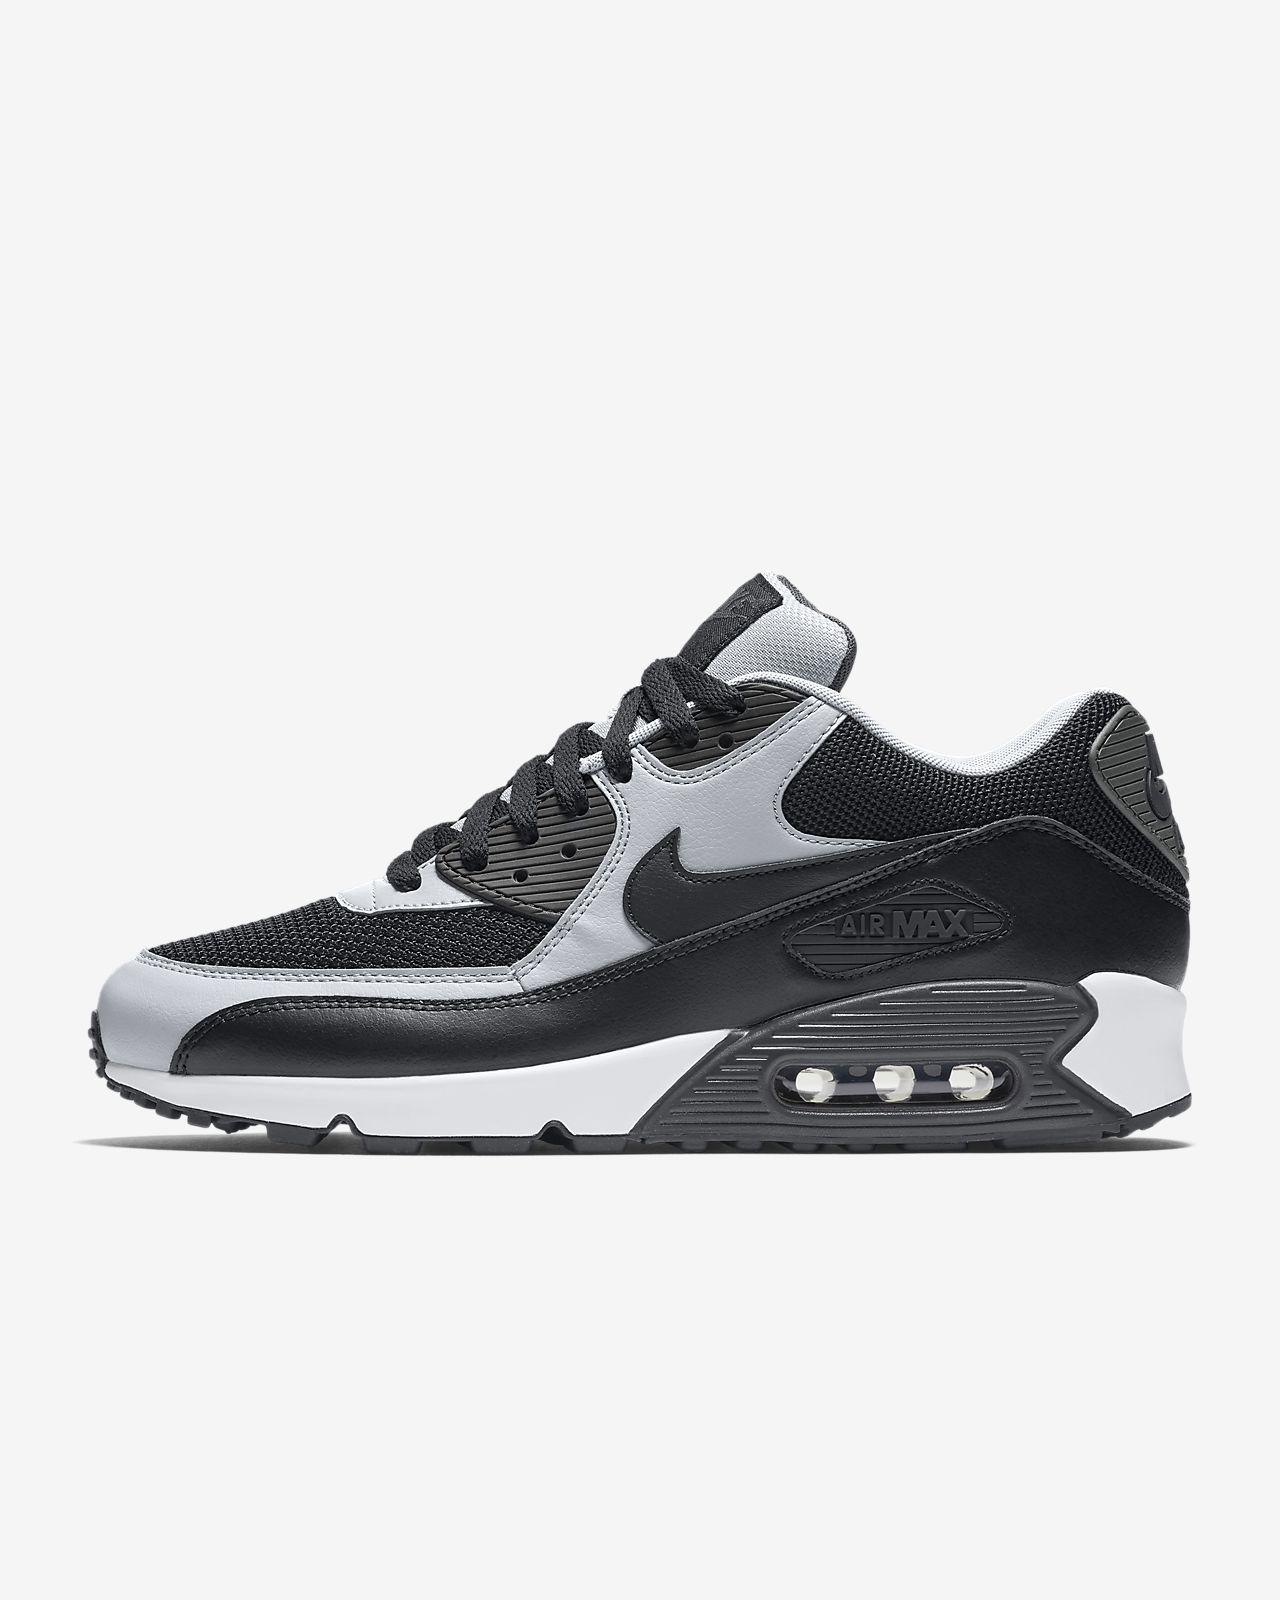 Nike Air Max 90 Essential 男子运动鞋